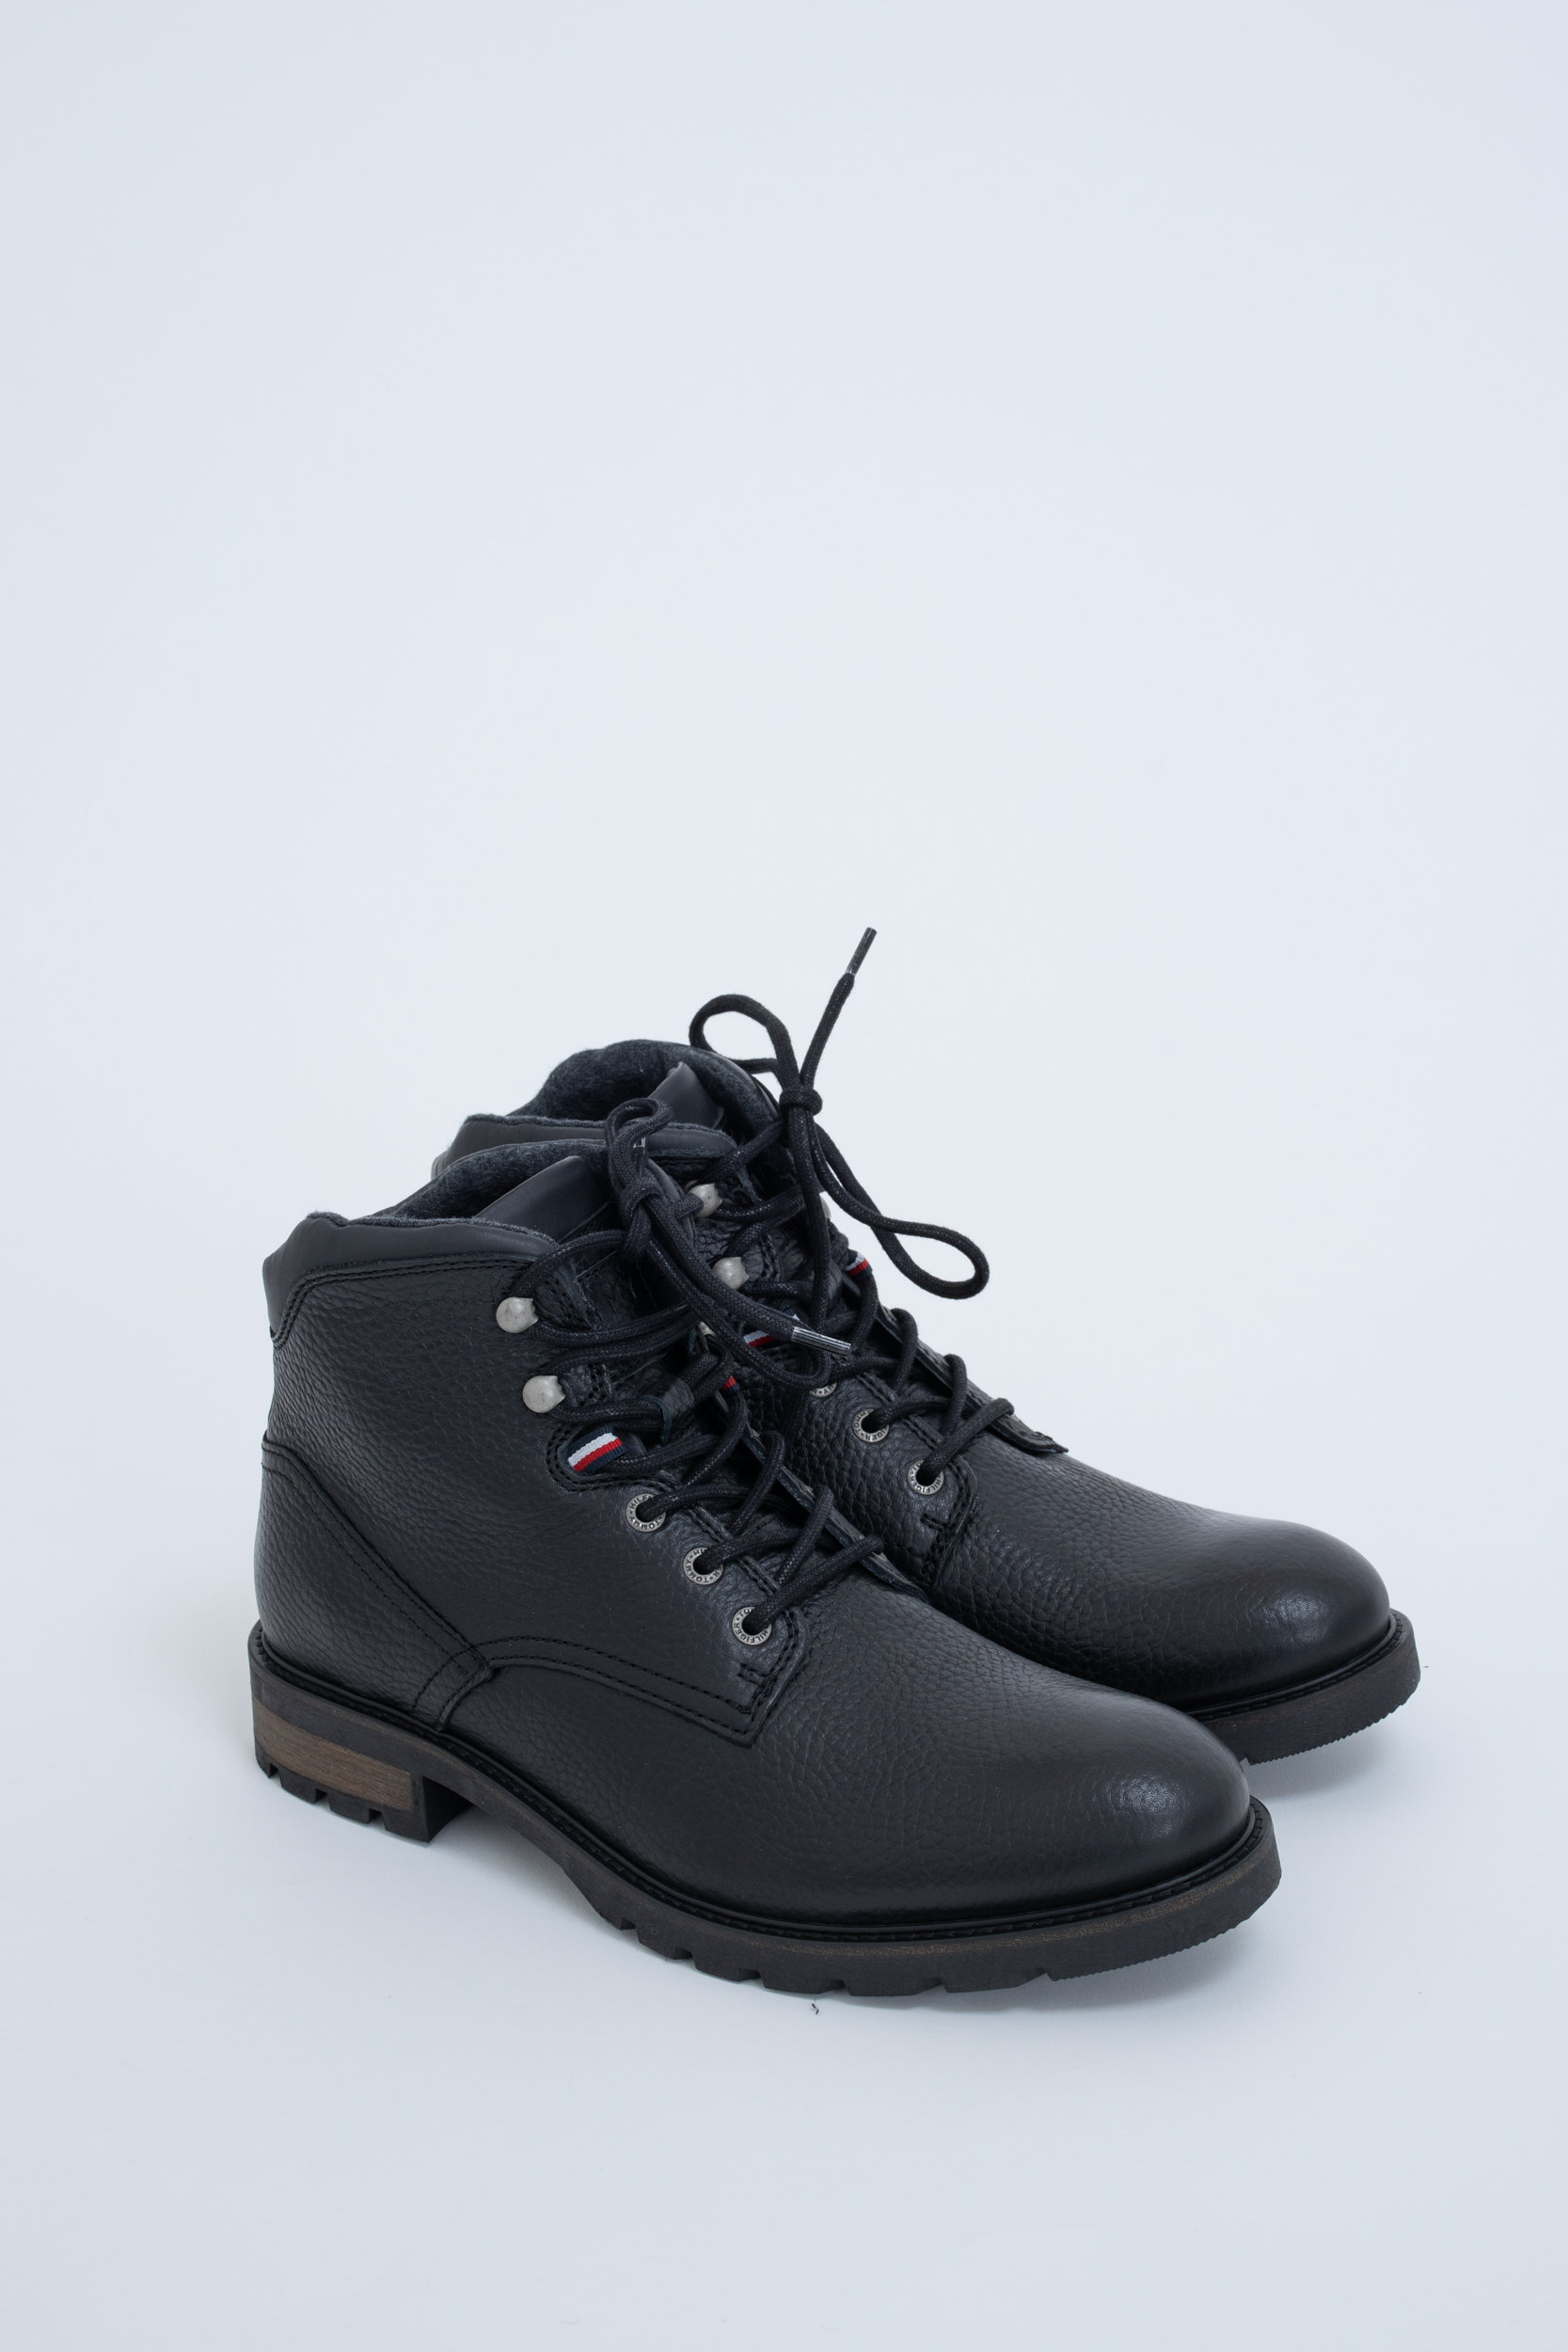 Boots Tumble